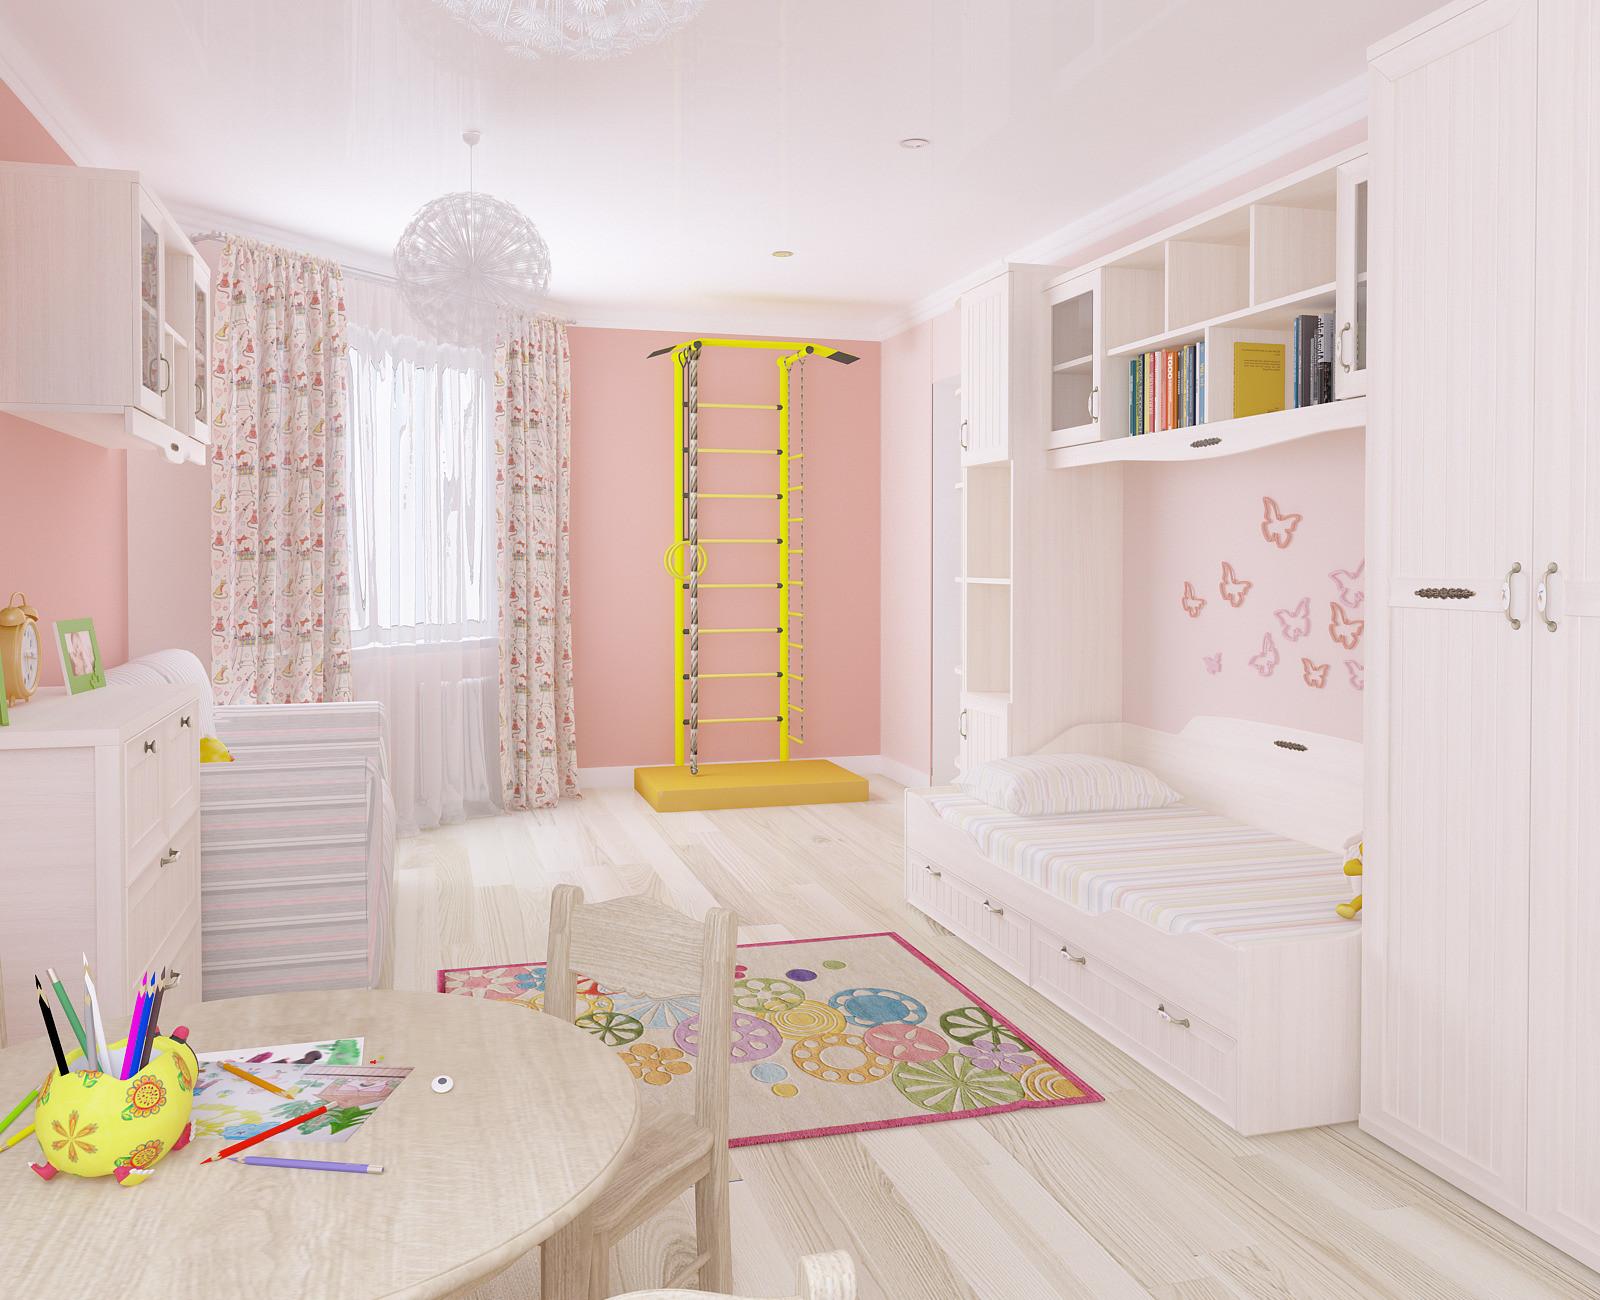 Дизайн детской комнаты для девочки - 65 фото интерьеров, идеи для ремонта